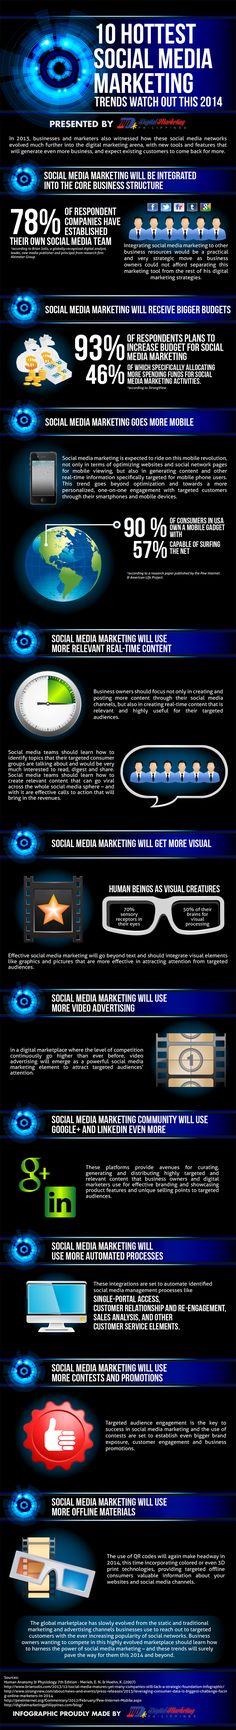 SOCIAL MEDIA -        10 Hottest Social Media Marketing Trends in 2014...